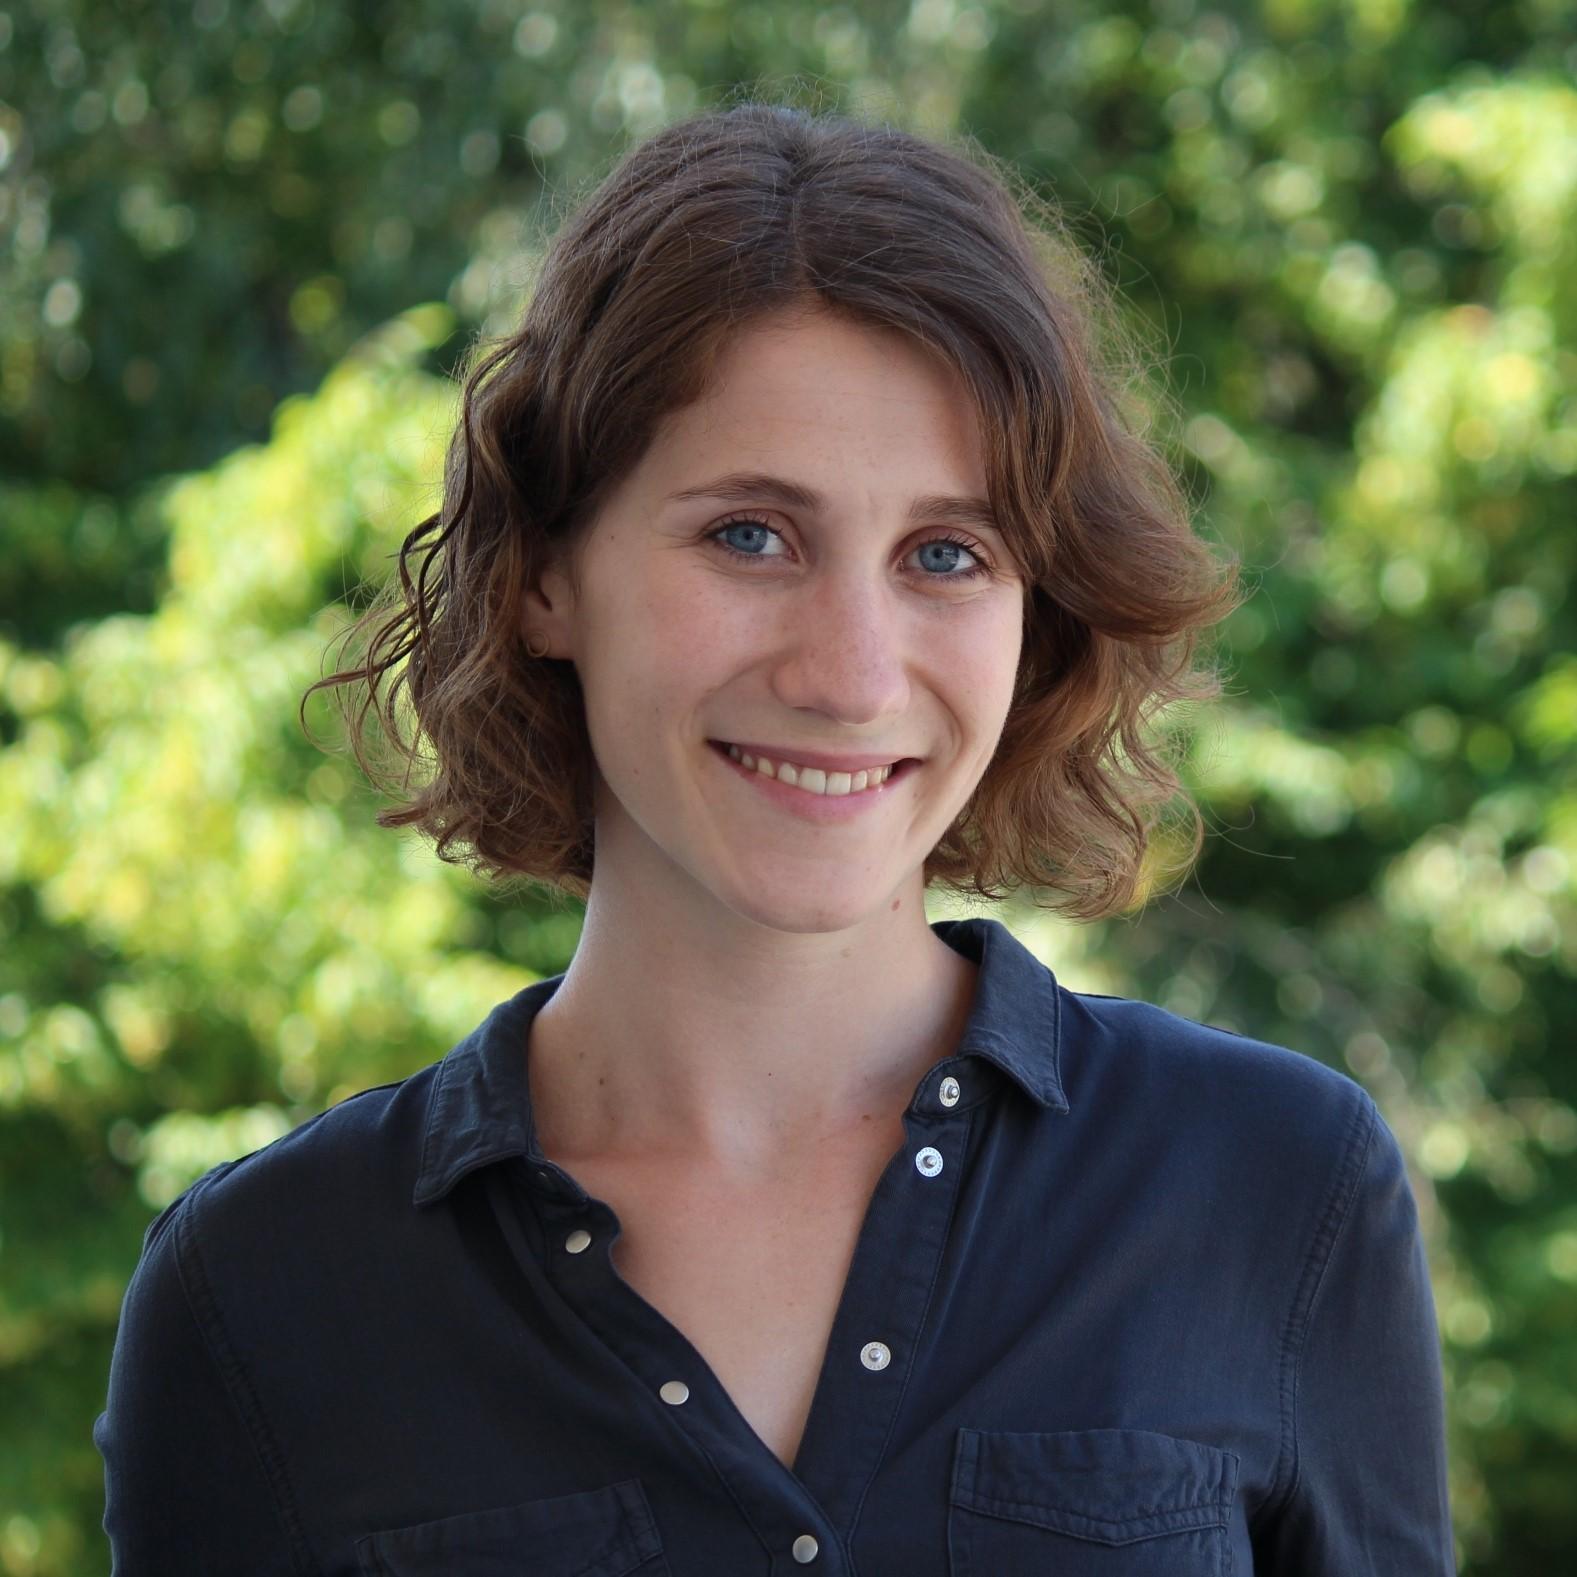 Jennifer Widmann